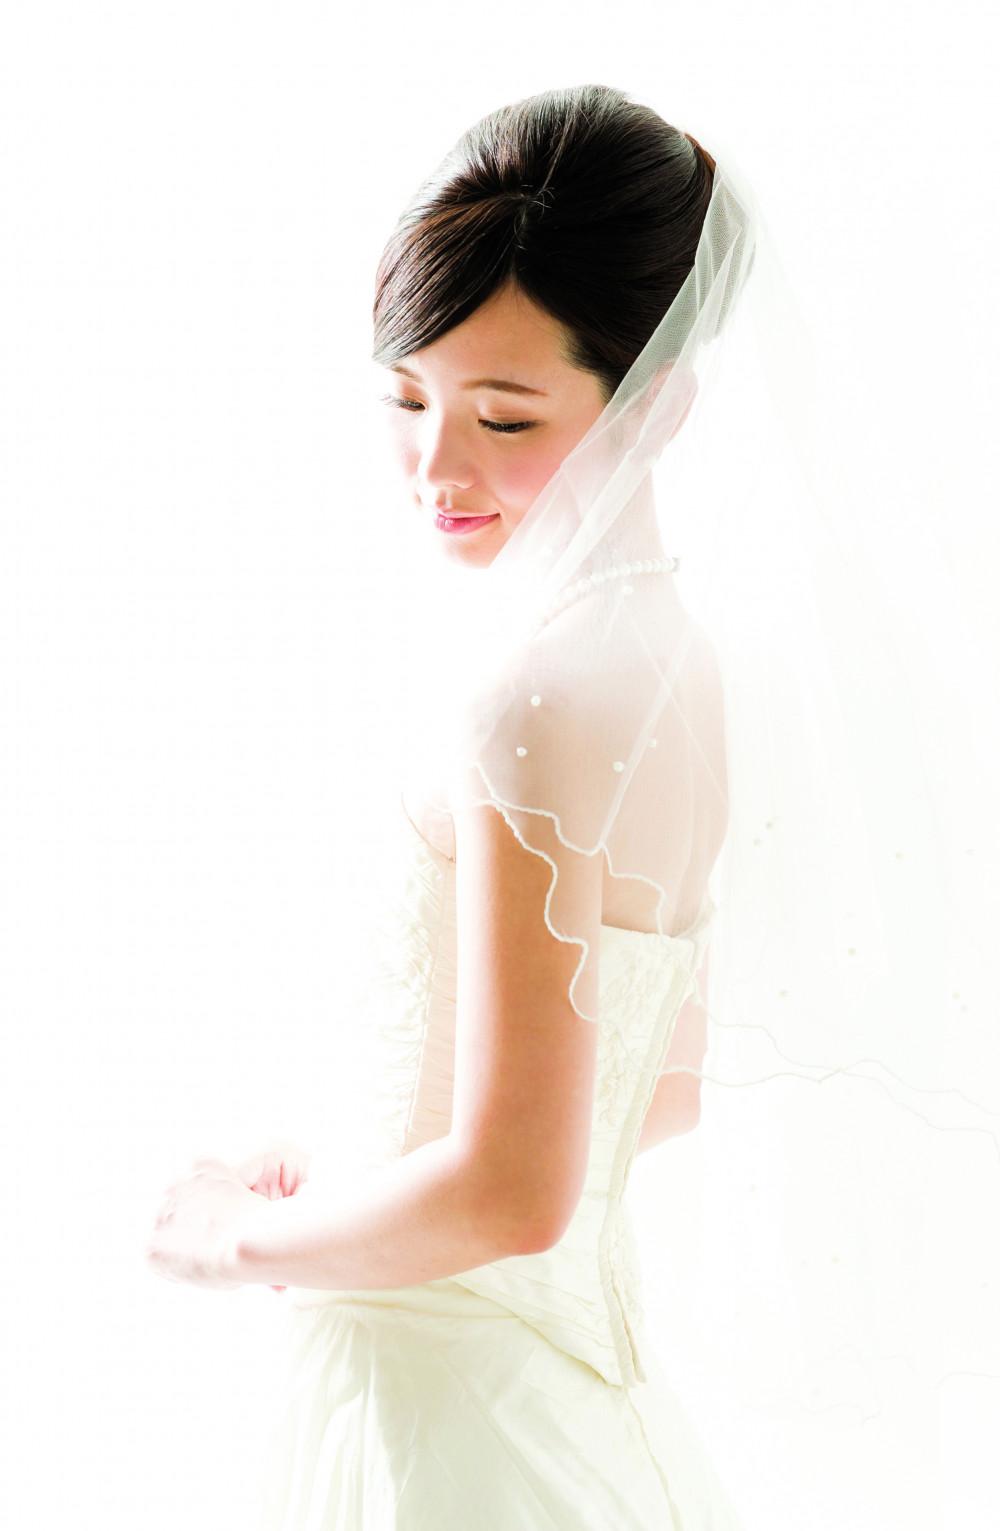 Đám cưới là để tiếp nối - Ảnh minh họa